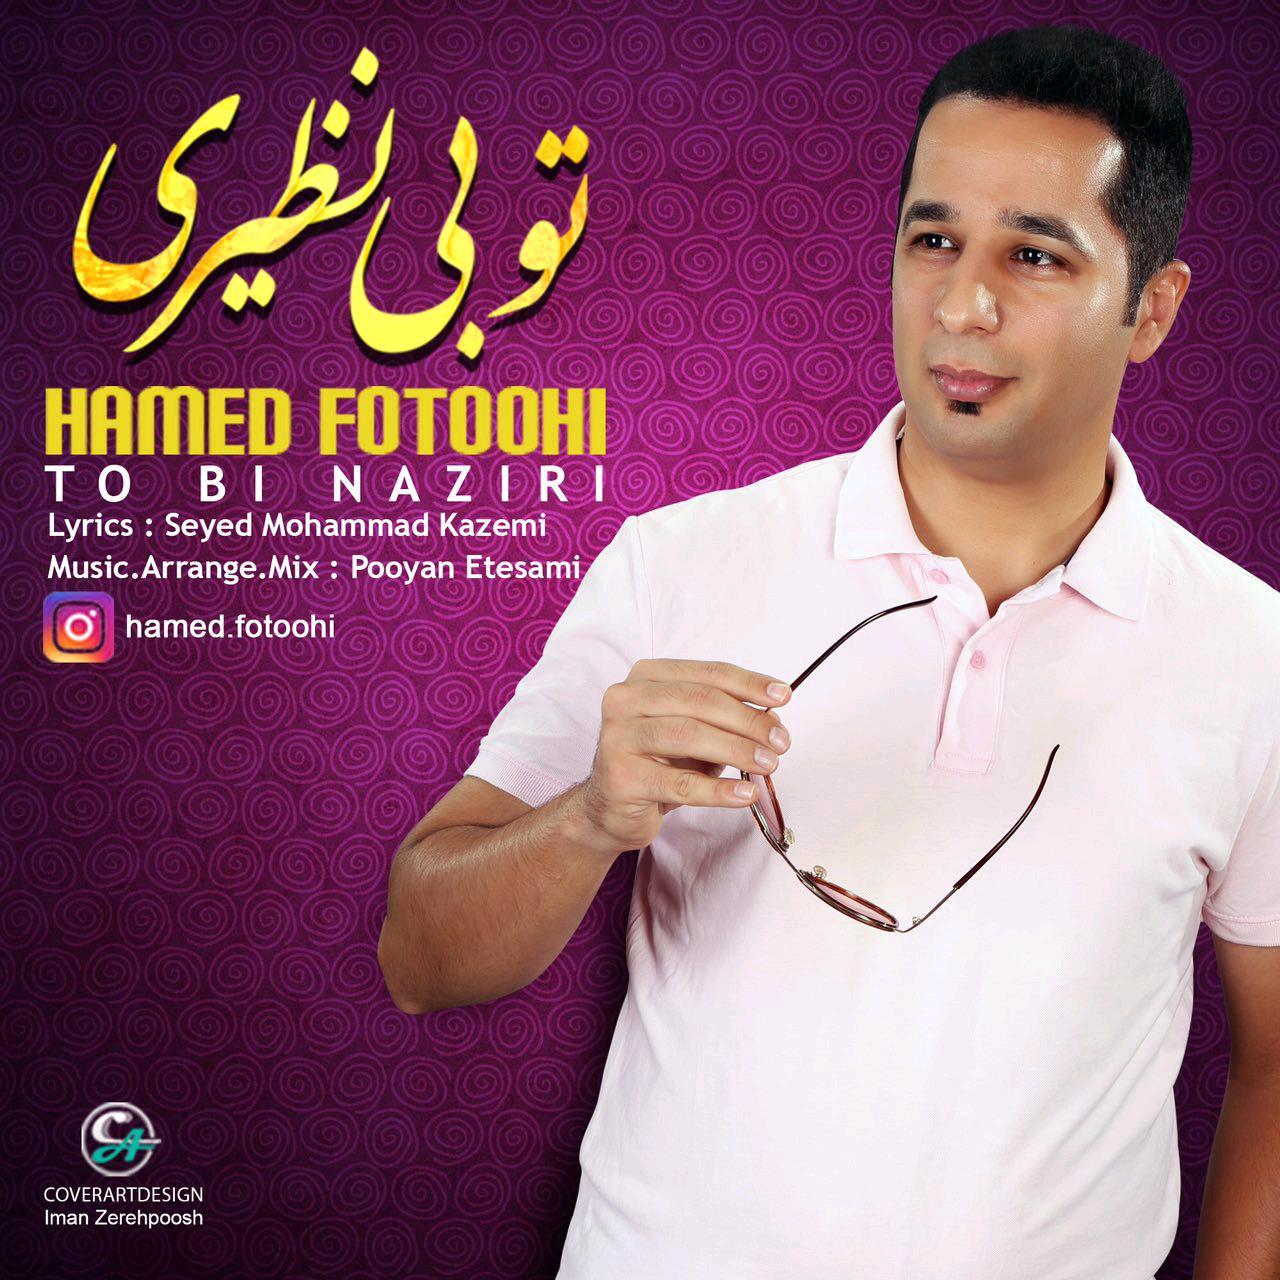 Hamed Fotoohi – To Bi Naziri